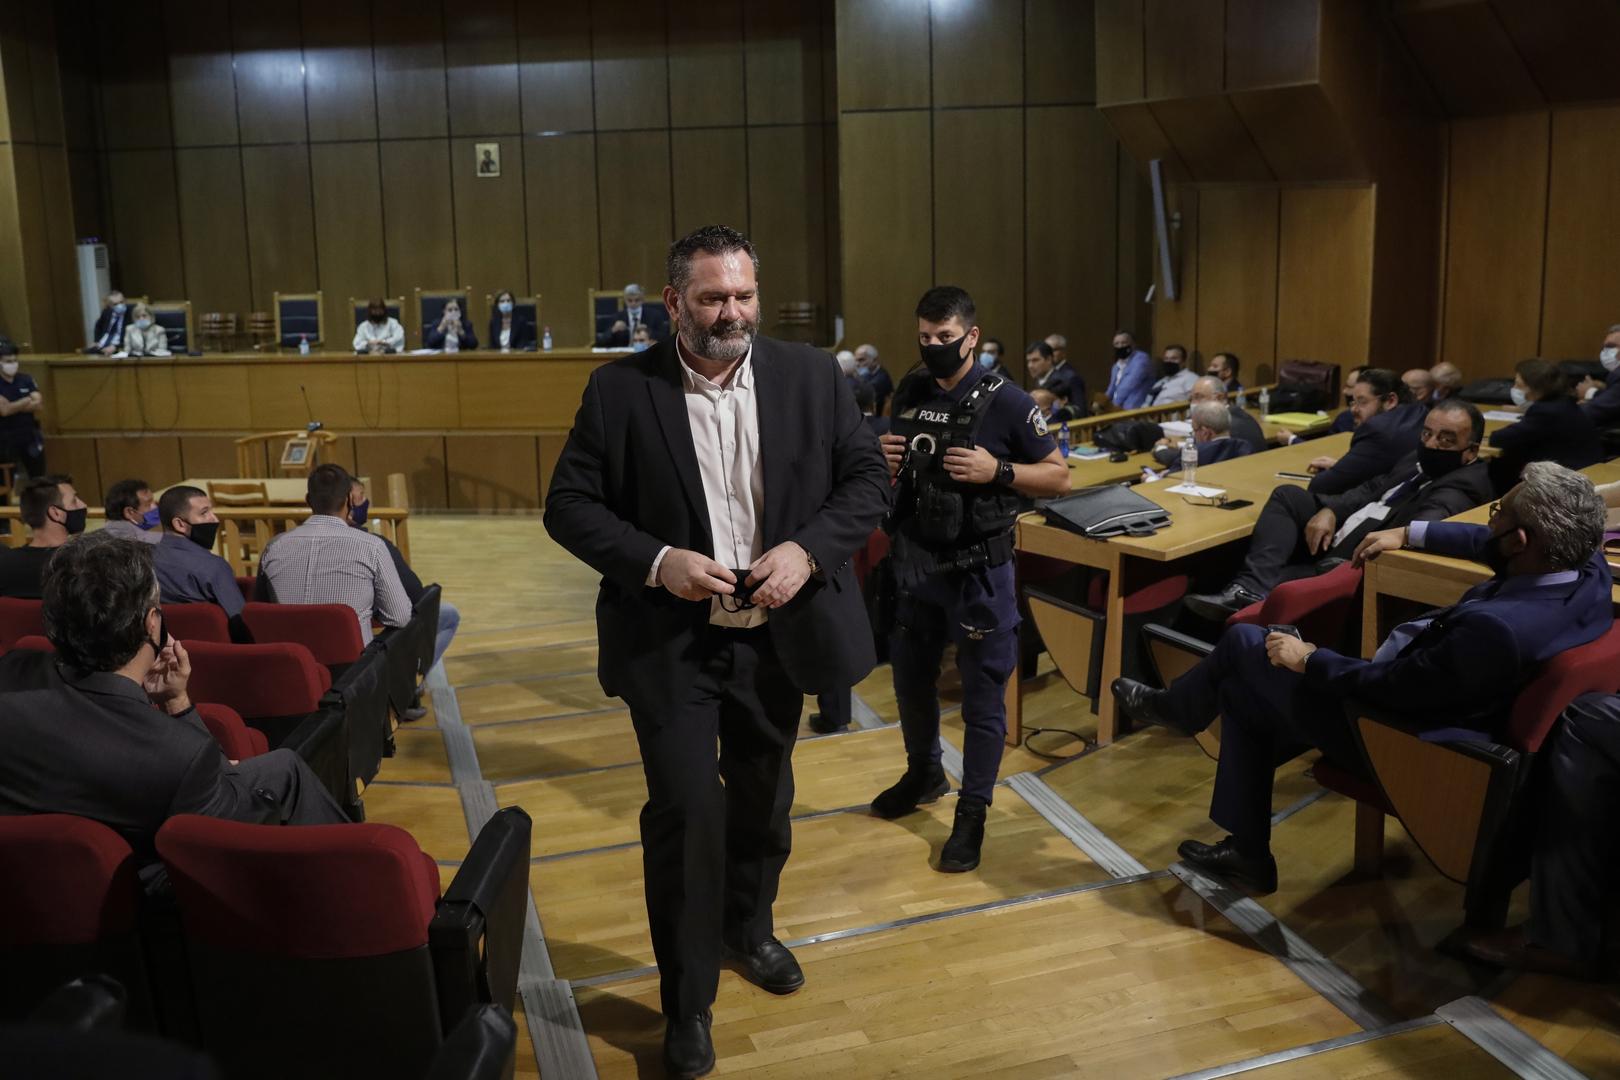 محكمة بلجيكية توافق على ترحيل نائب يوناني يميني متطرف